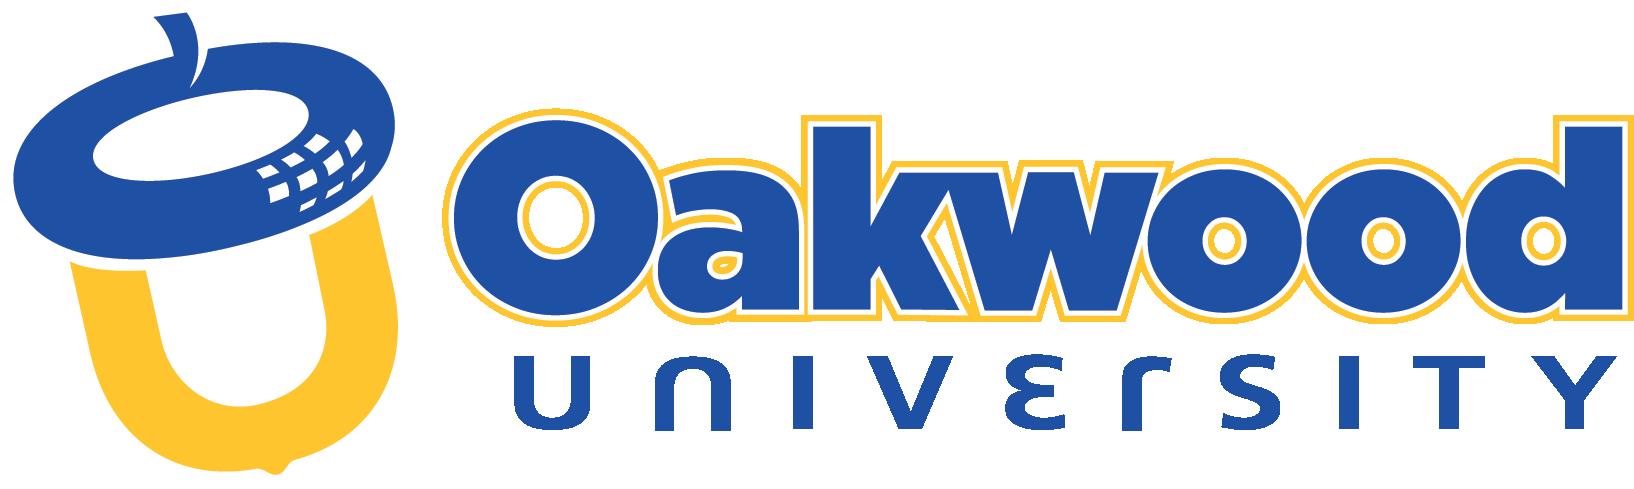 Image result for oakwood university